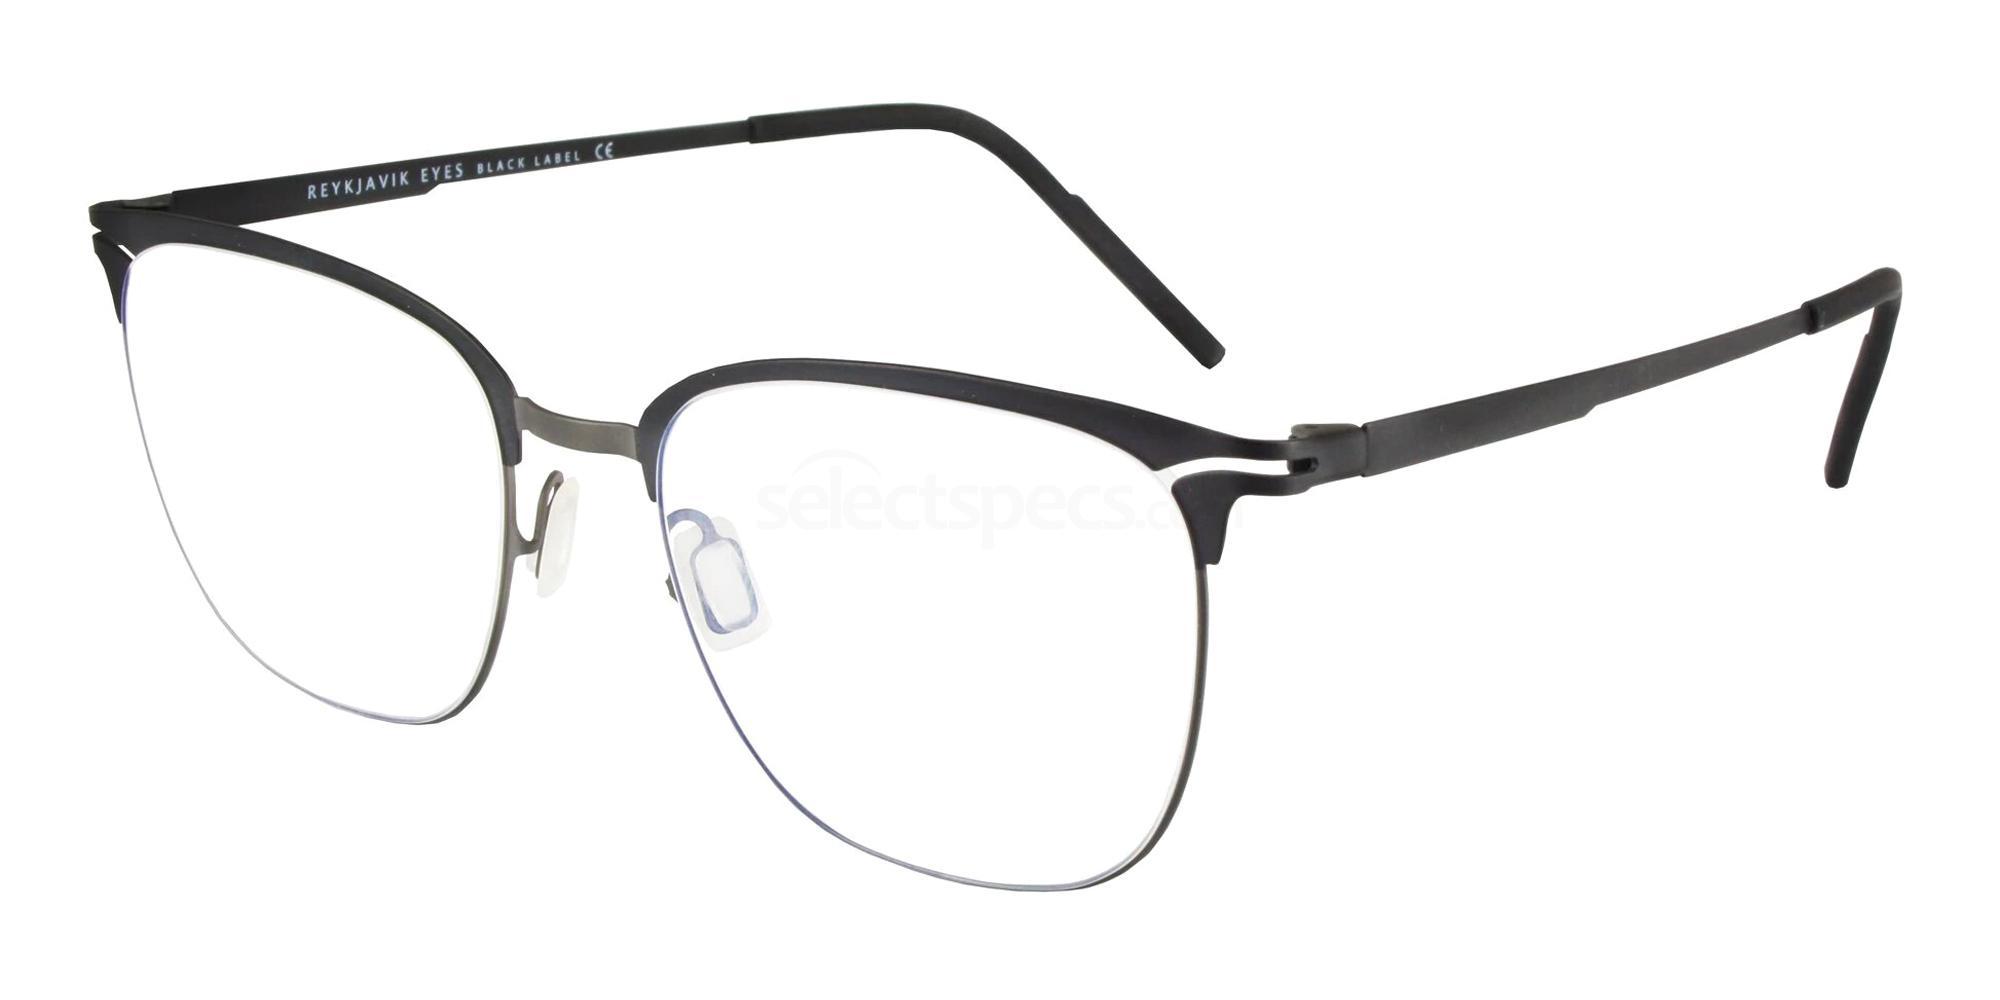 С1 SURT Glasses, Reykjavik Eyes Black Label